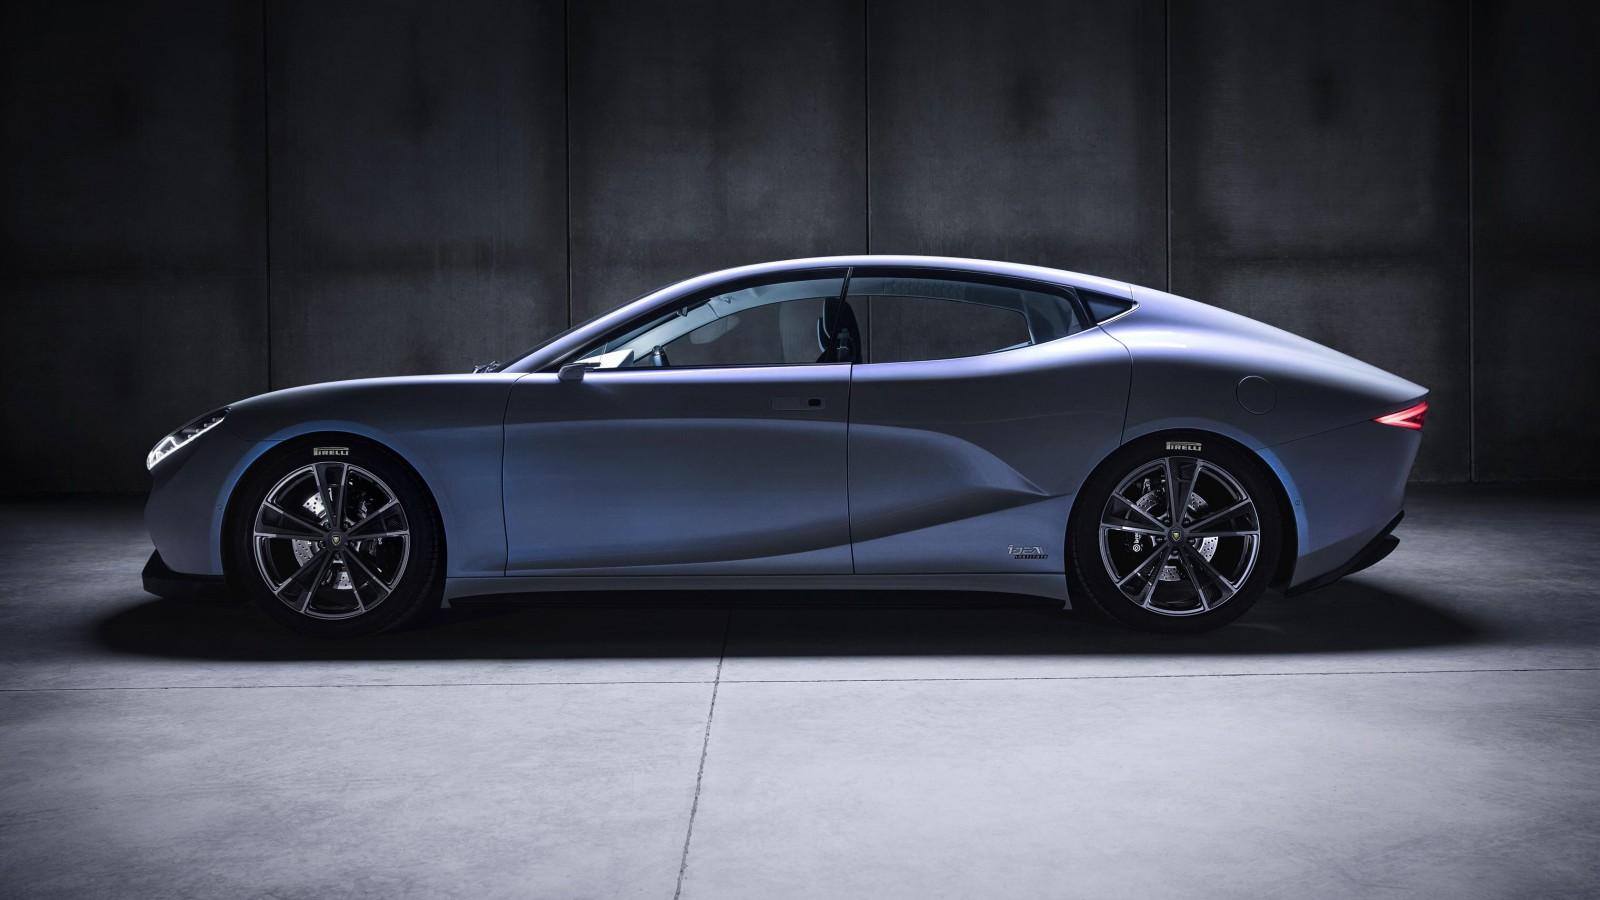 Mercedes Car Wallpapers For Windows 7 2018 Lvchi Venere Electric Concept Car Wallpaper Hd Car